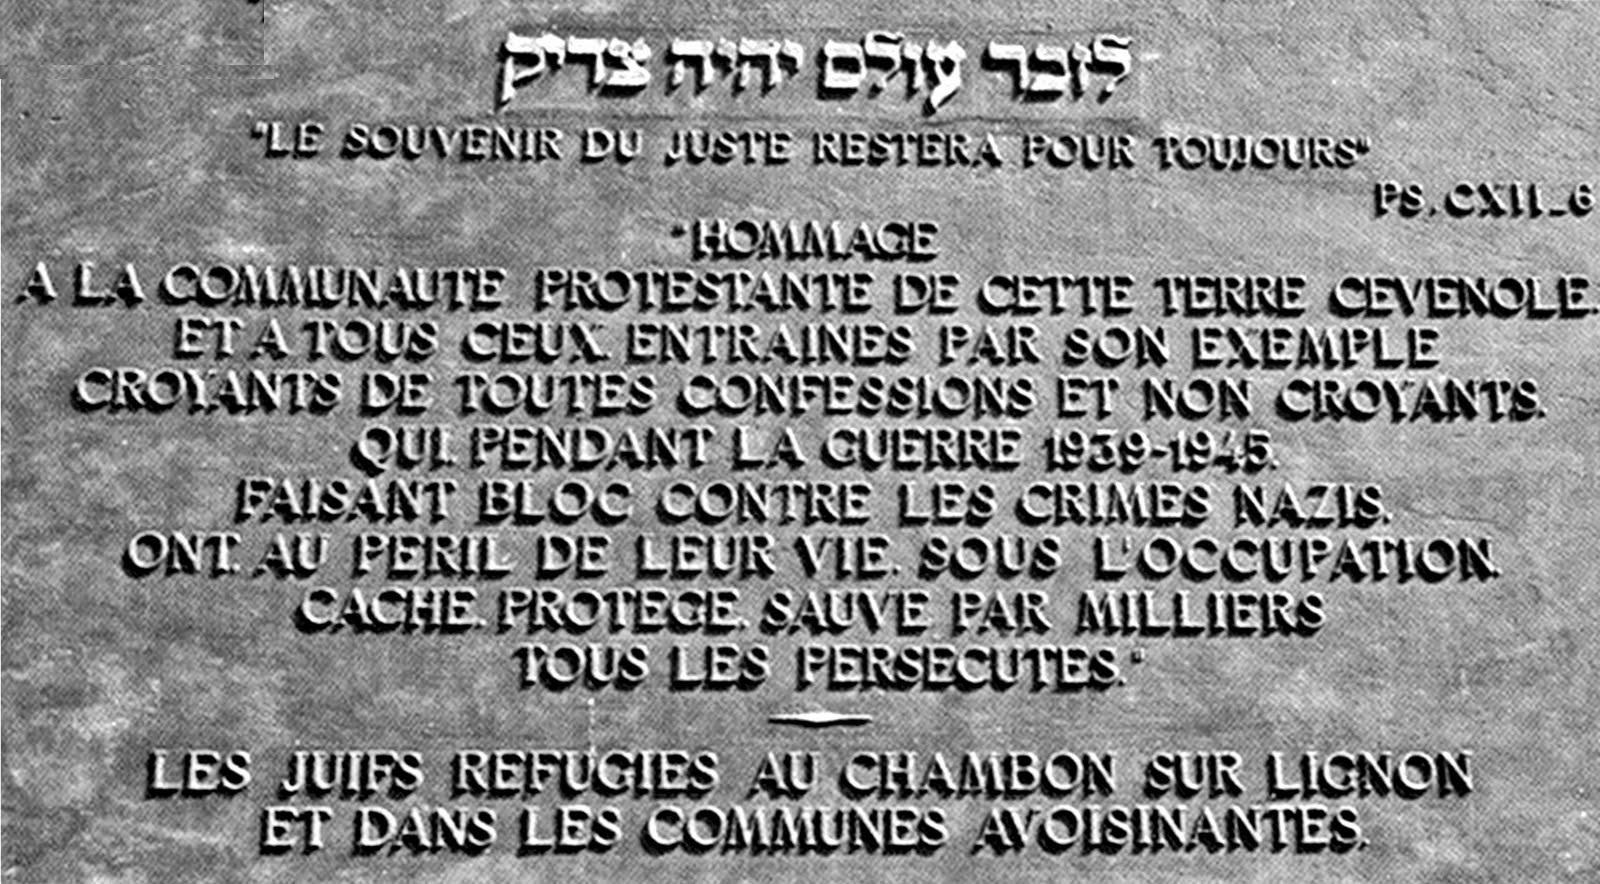 Les catéchumènes de retour du Chambon-sur-Lignon